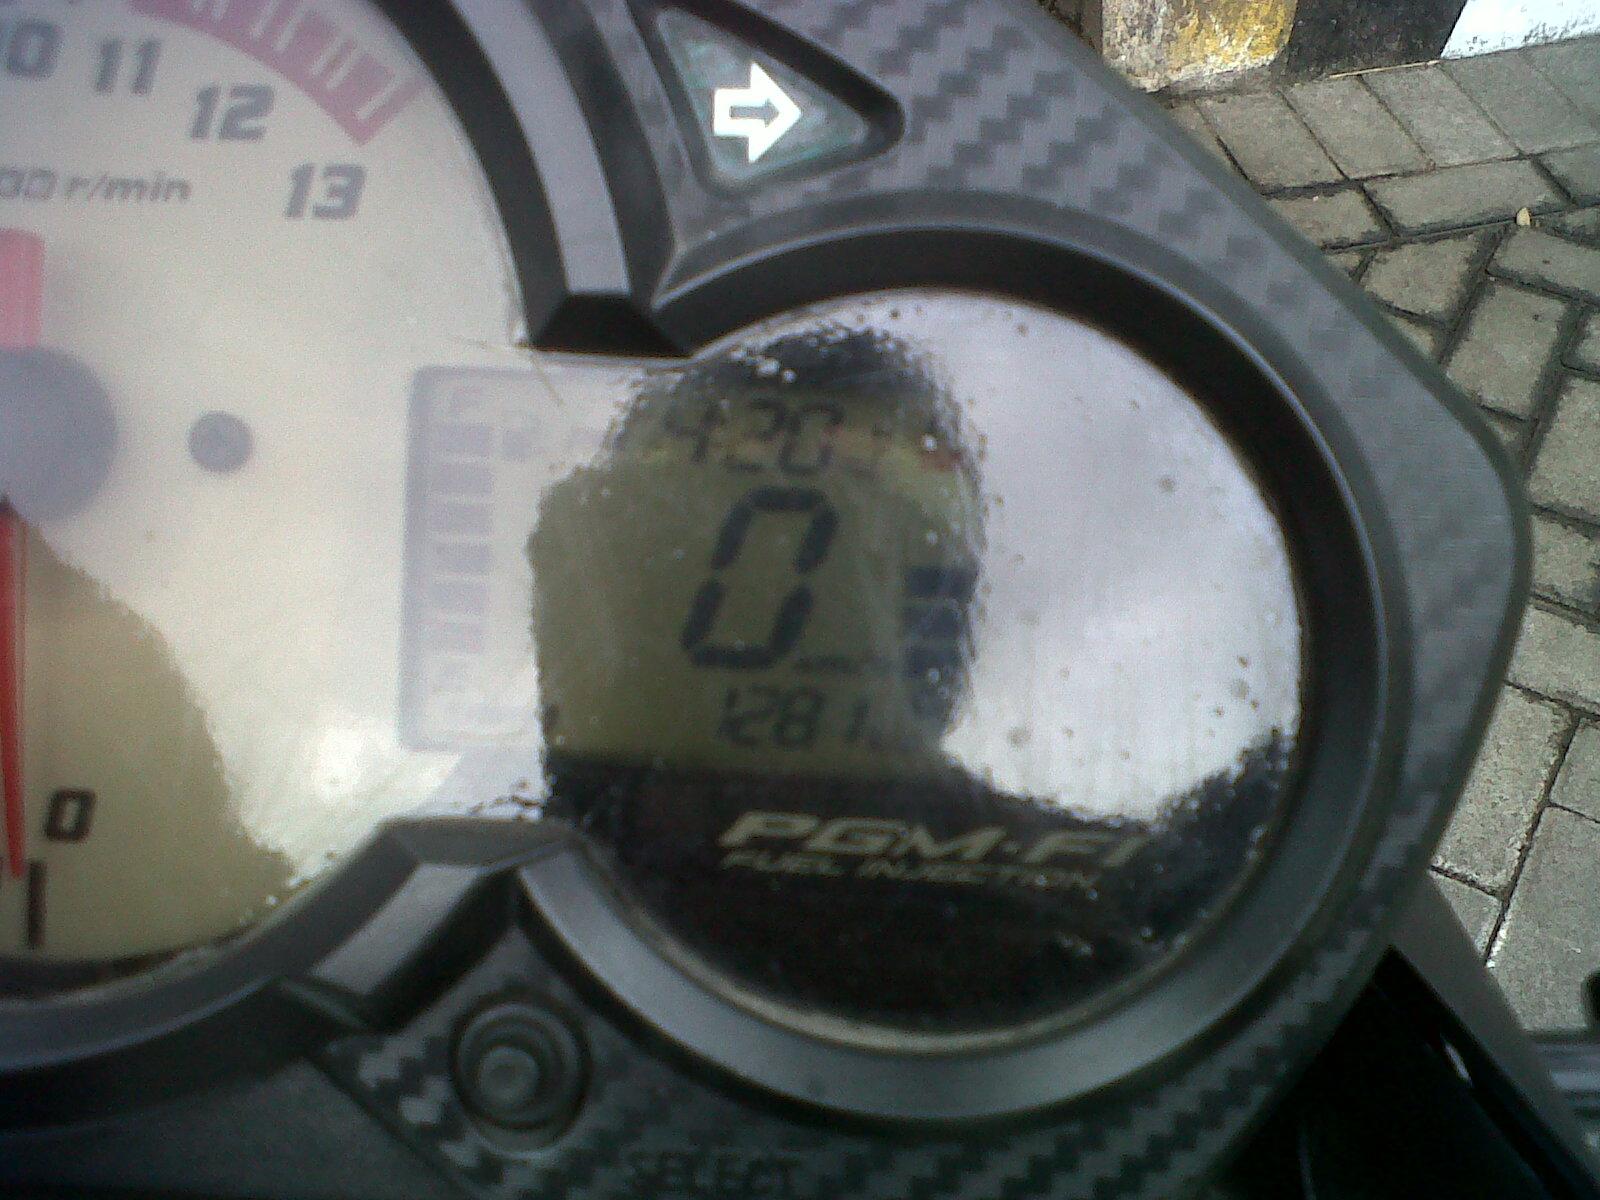 Konsumsi BBM CB150R saia setelah 13.000 km lebih